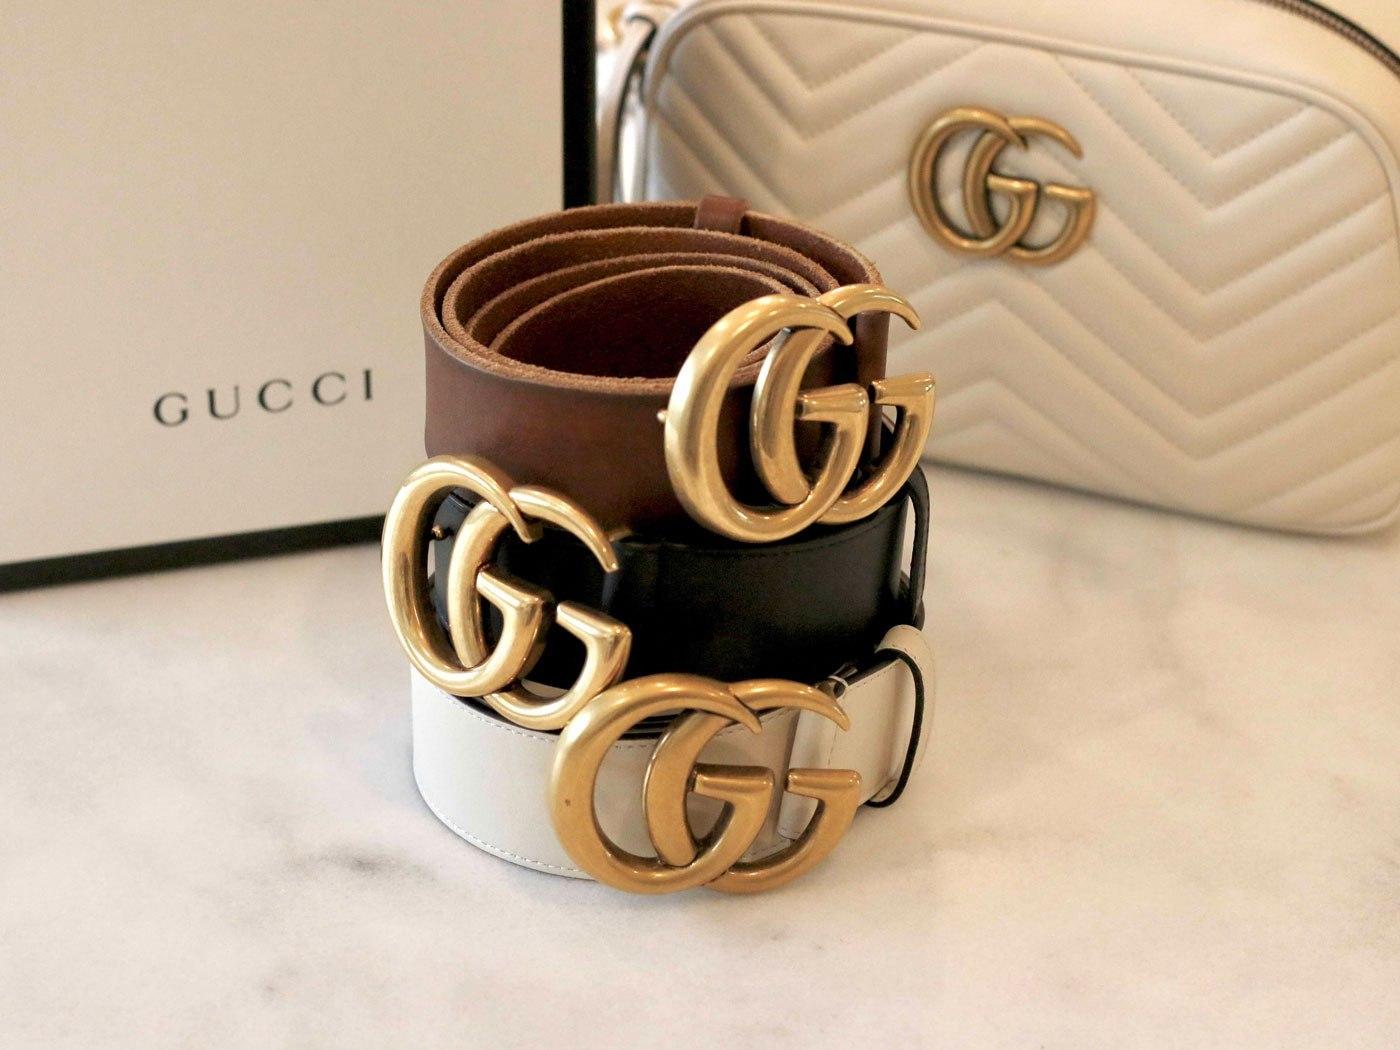 Các sản phẩm Gucci thật làm bằng chất liệu da cao cấp